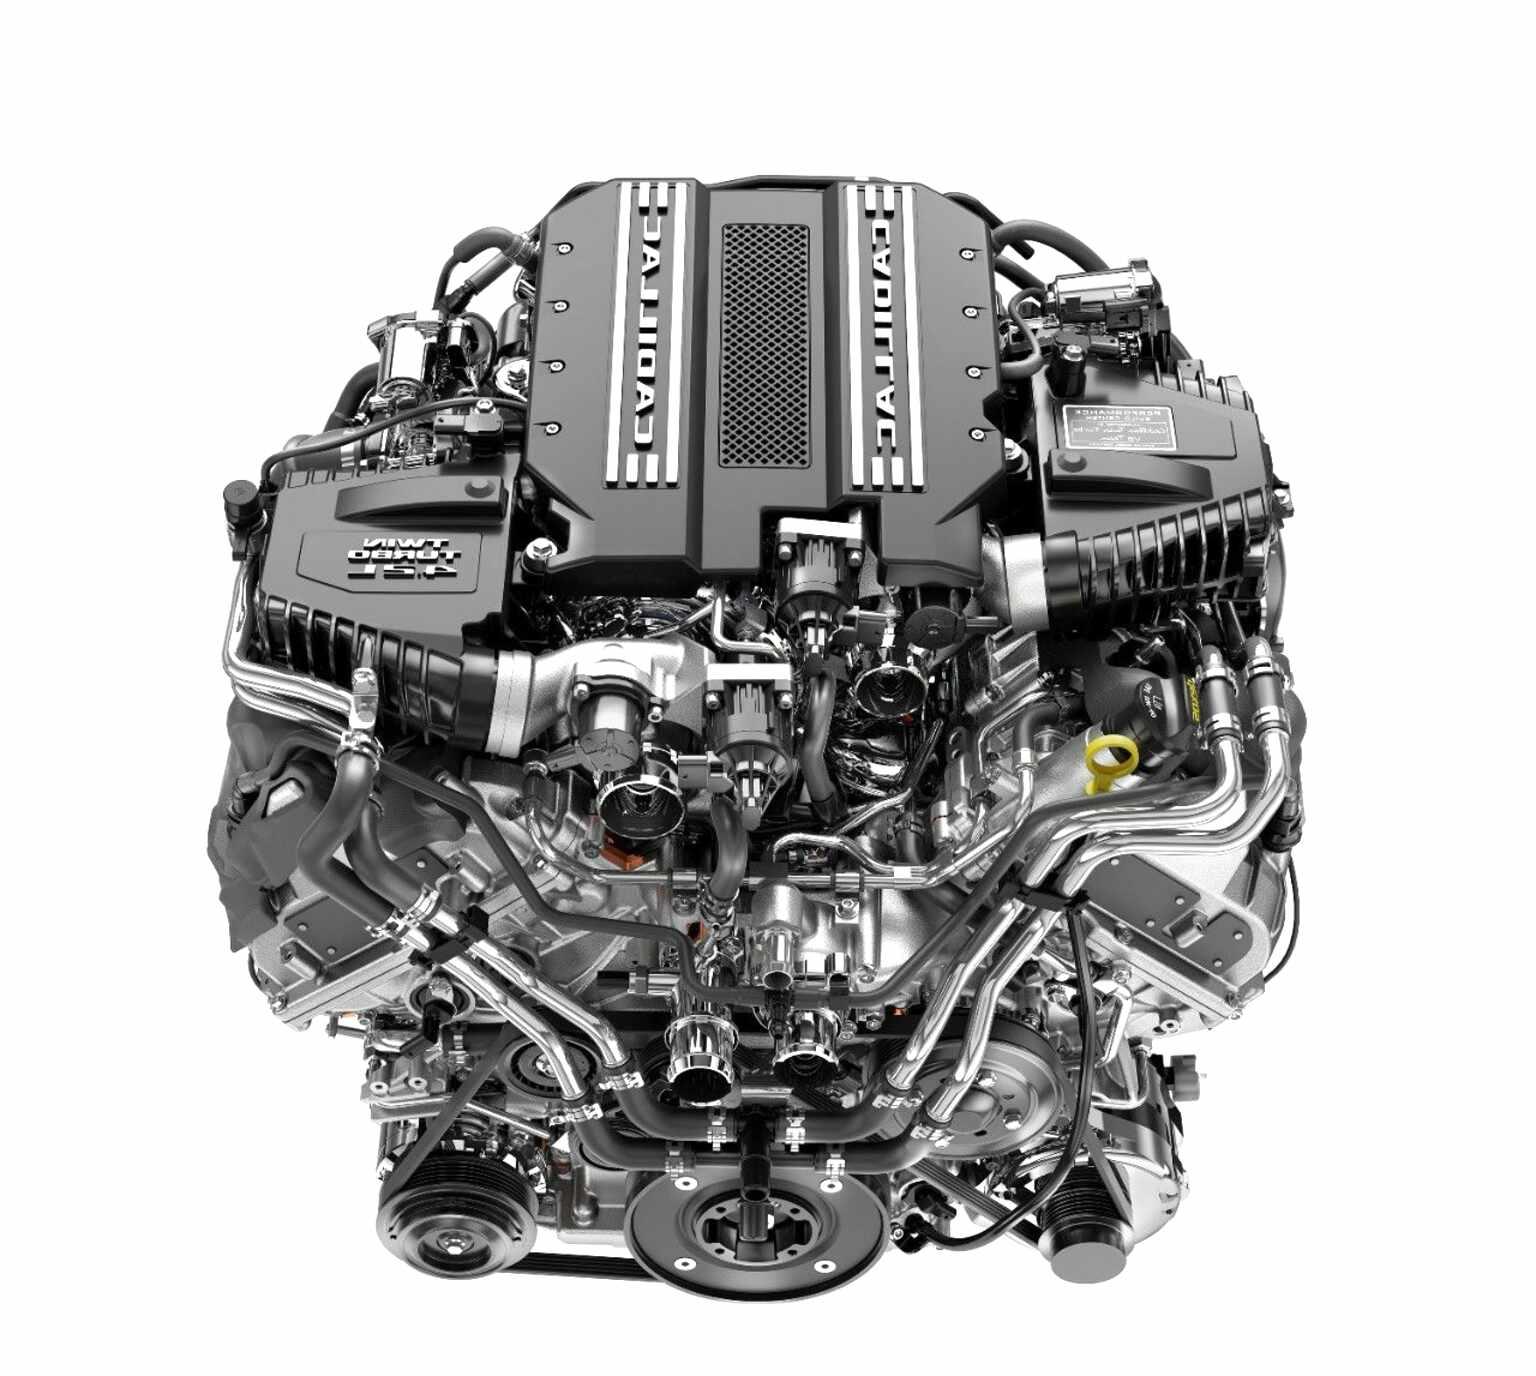 engine v8 for sale